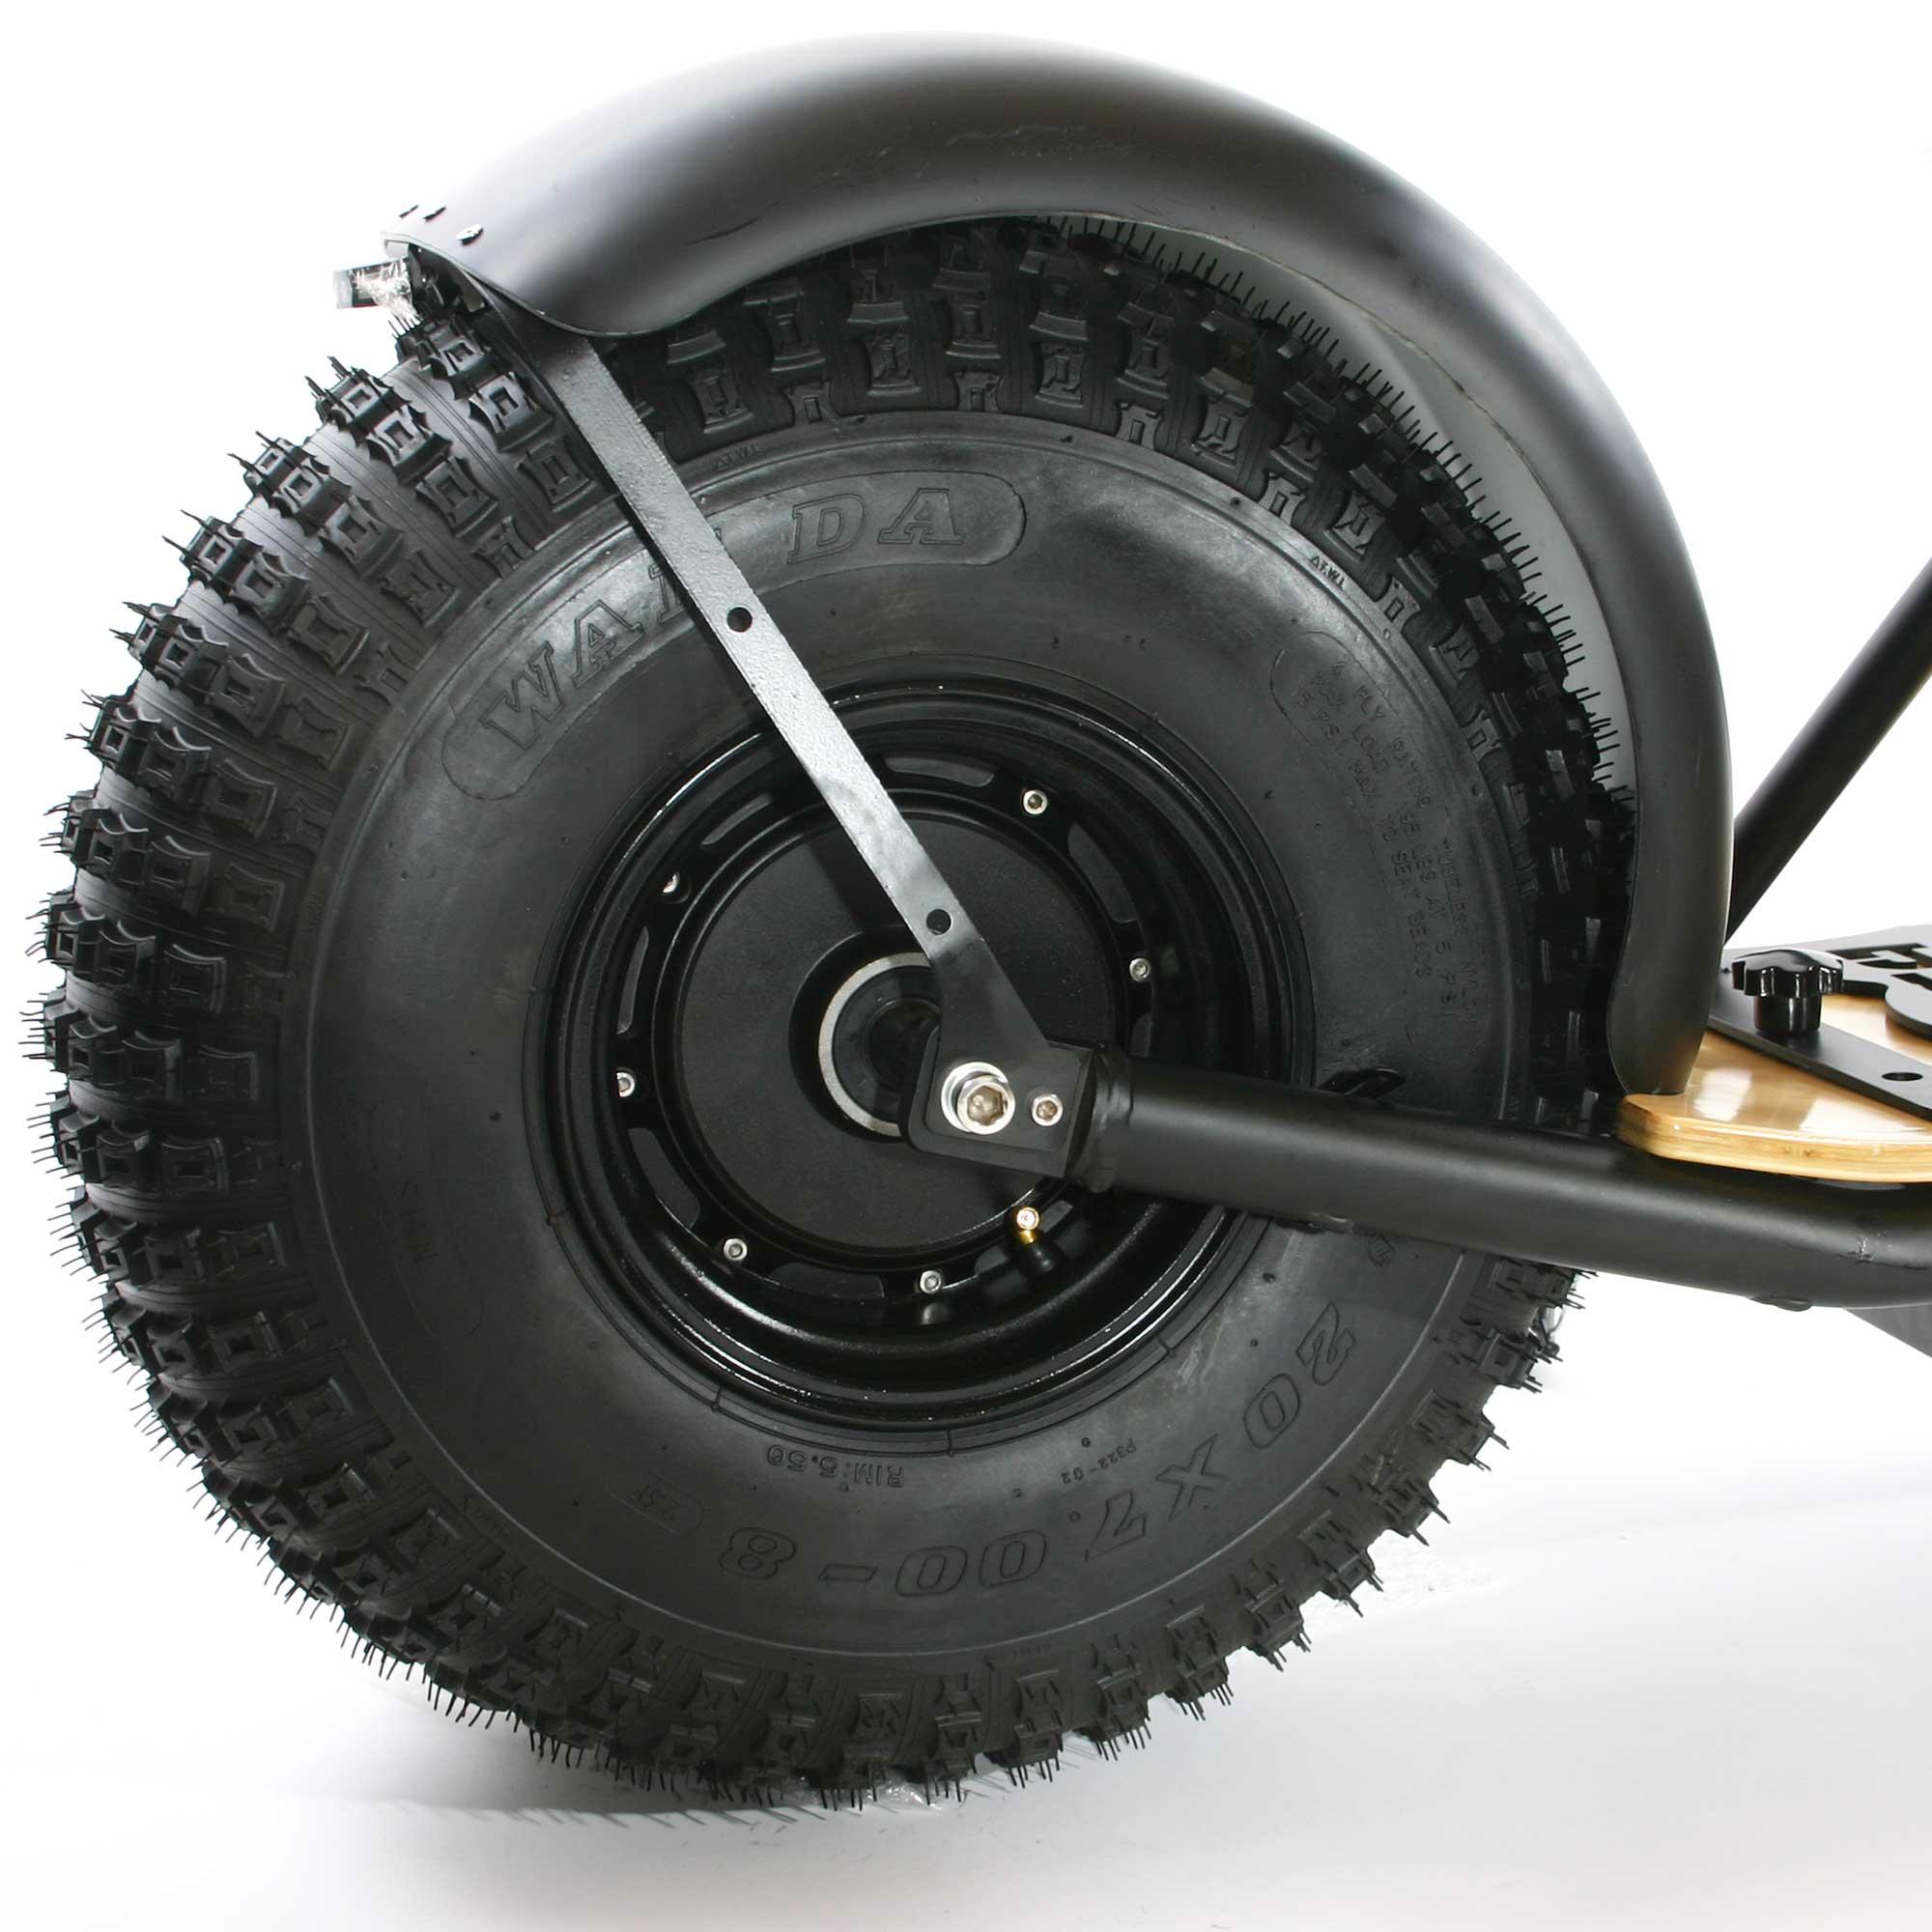 forca_knumo_e-scooter_06.jpg